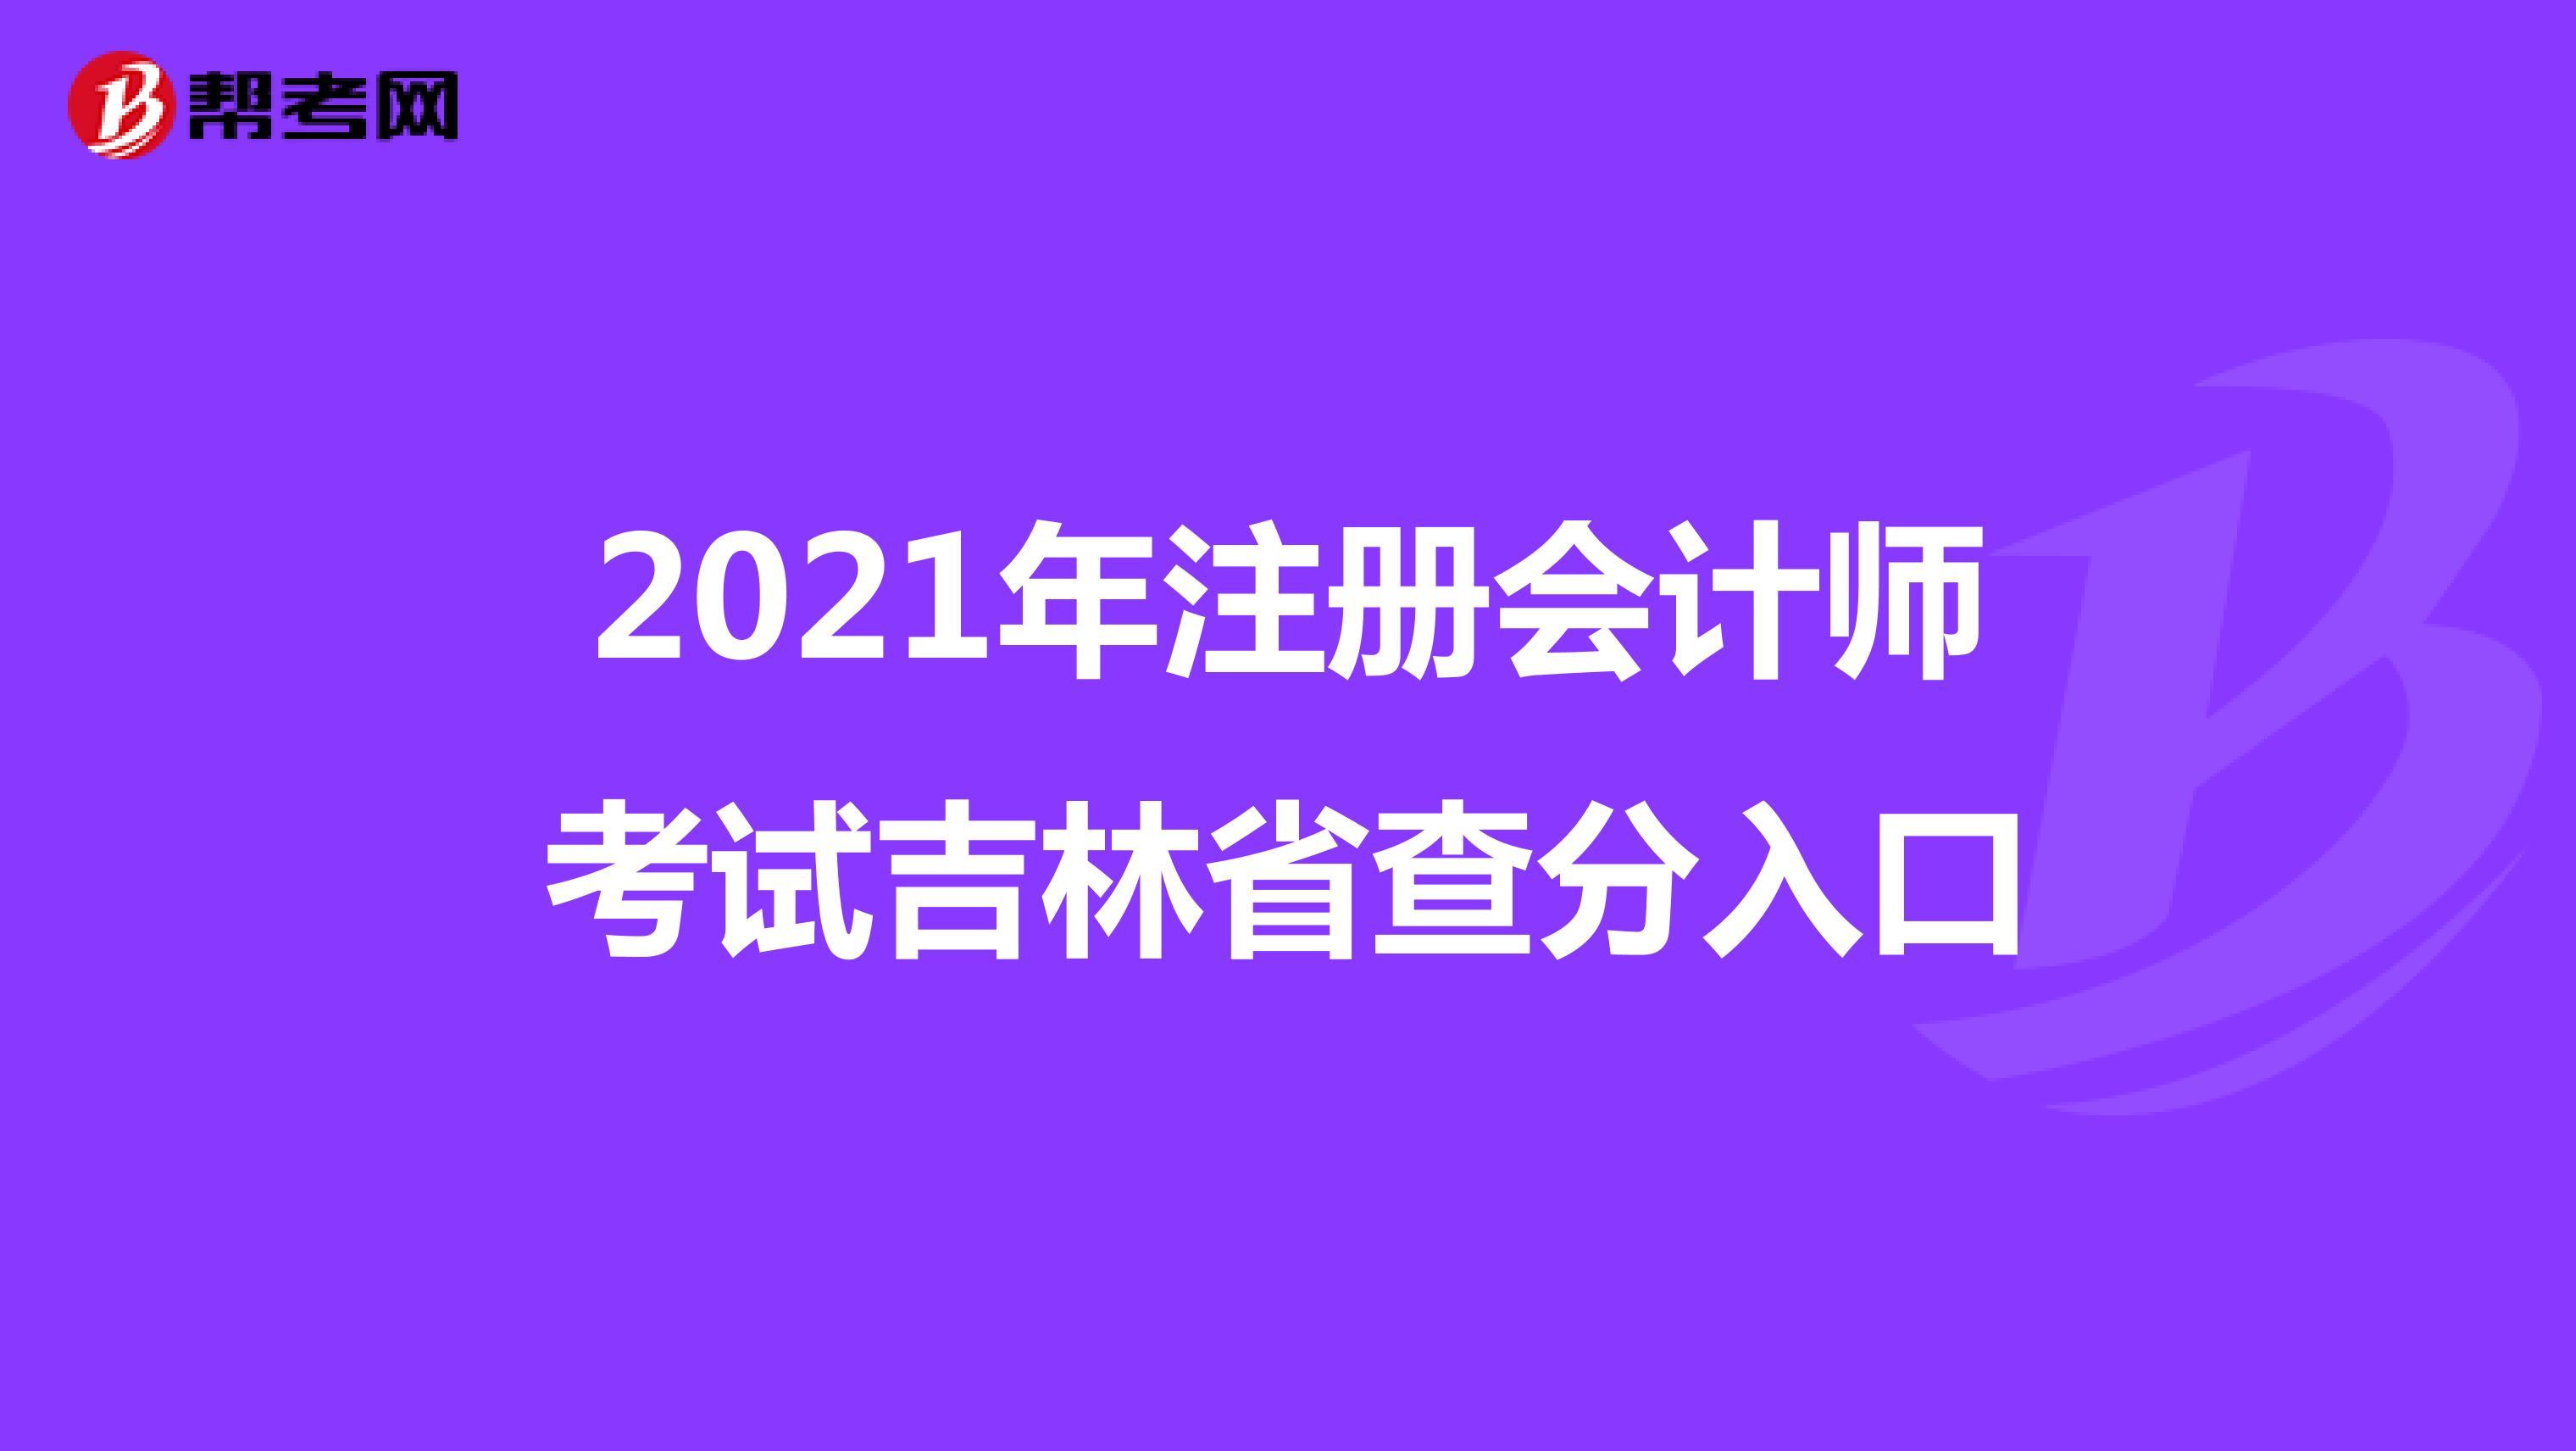 2021年【hot88热竞技提款】注册会计师考试吉林省查分入口